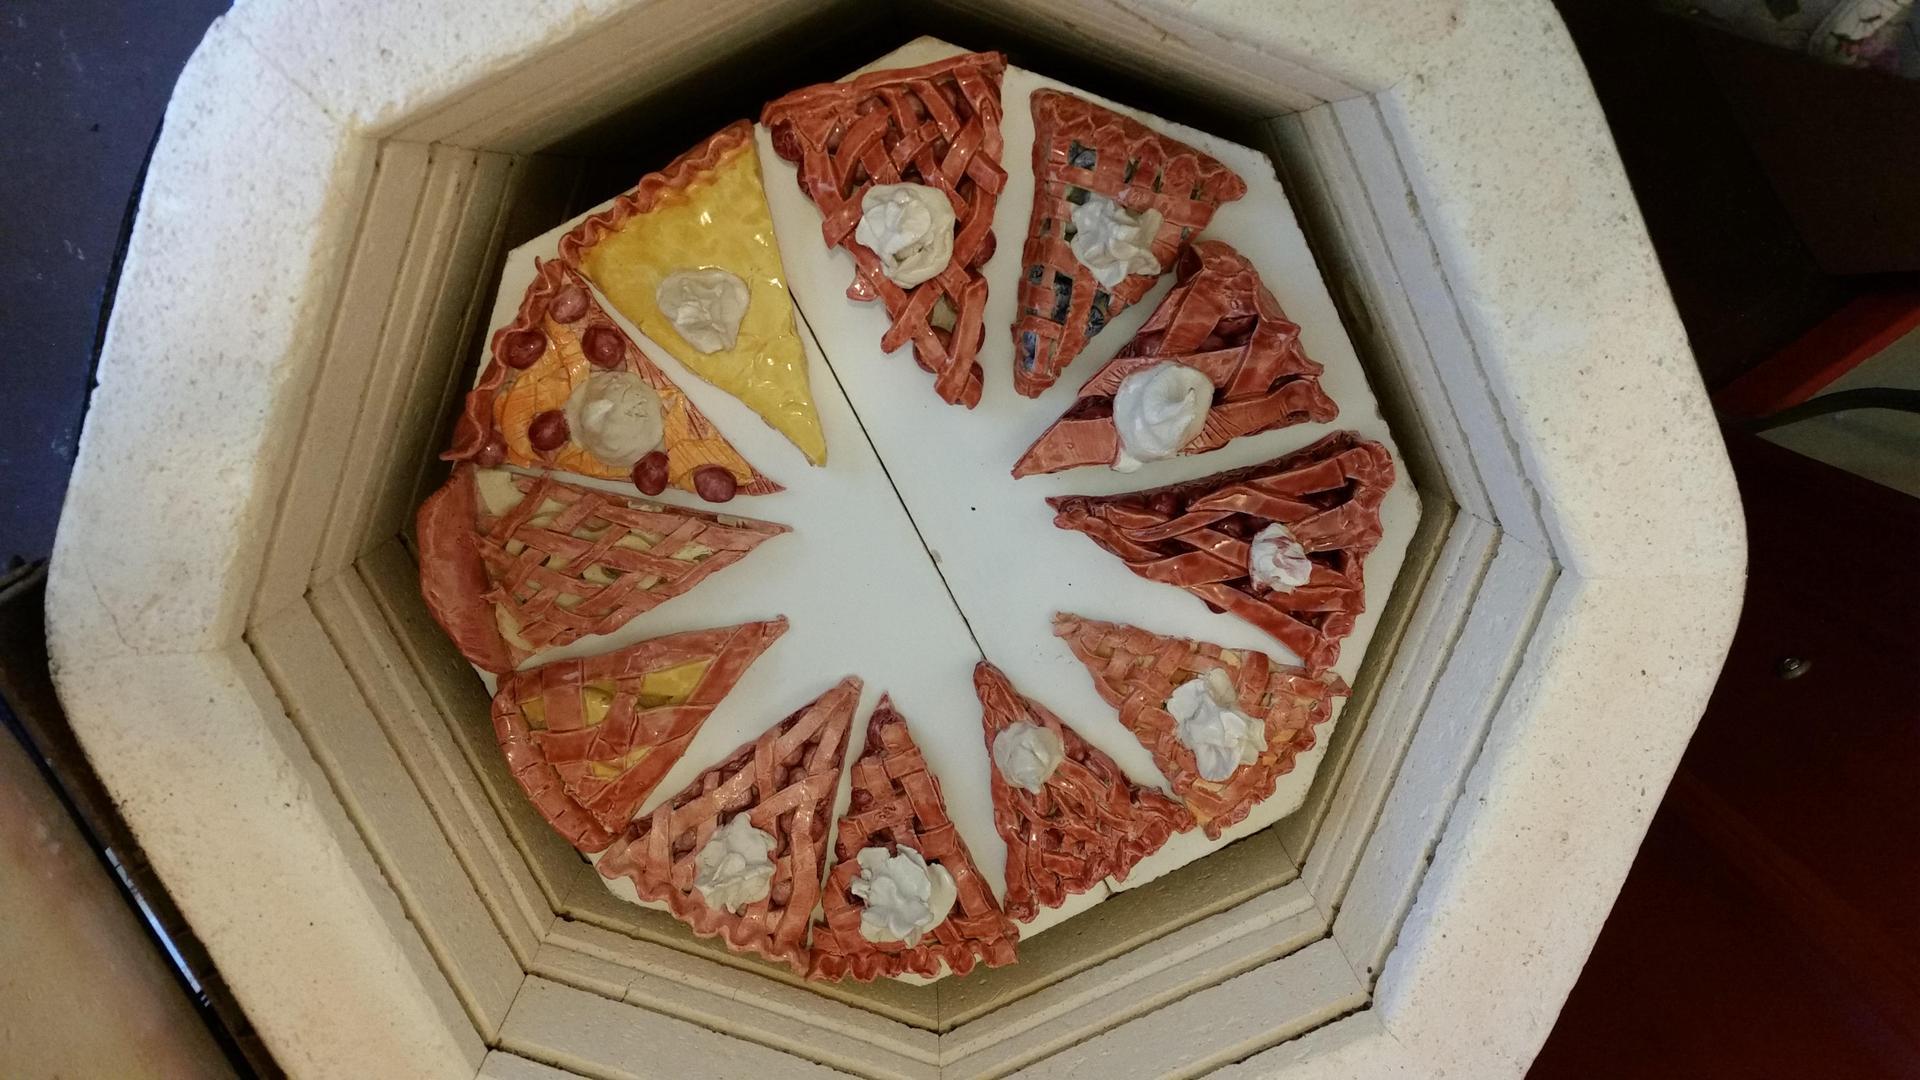 8th ceramics pies